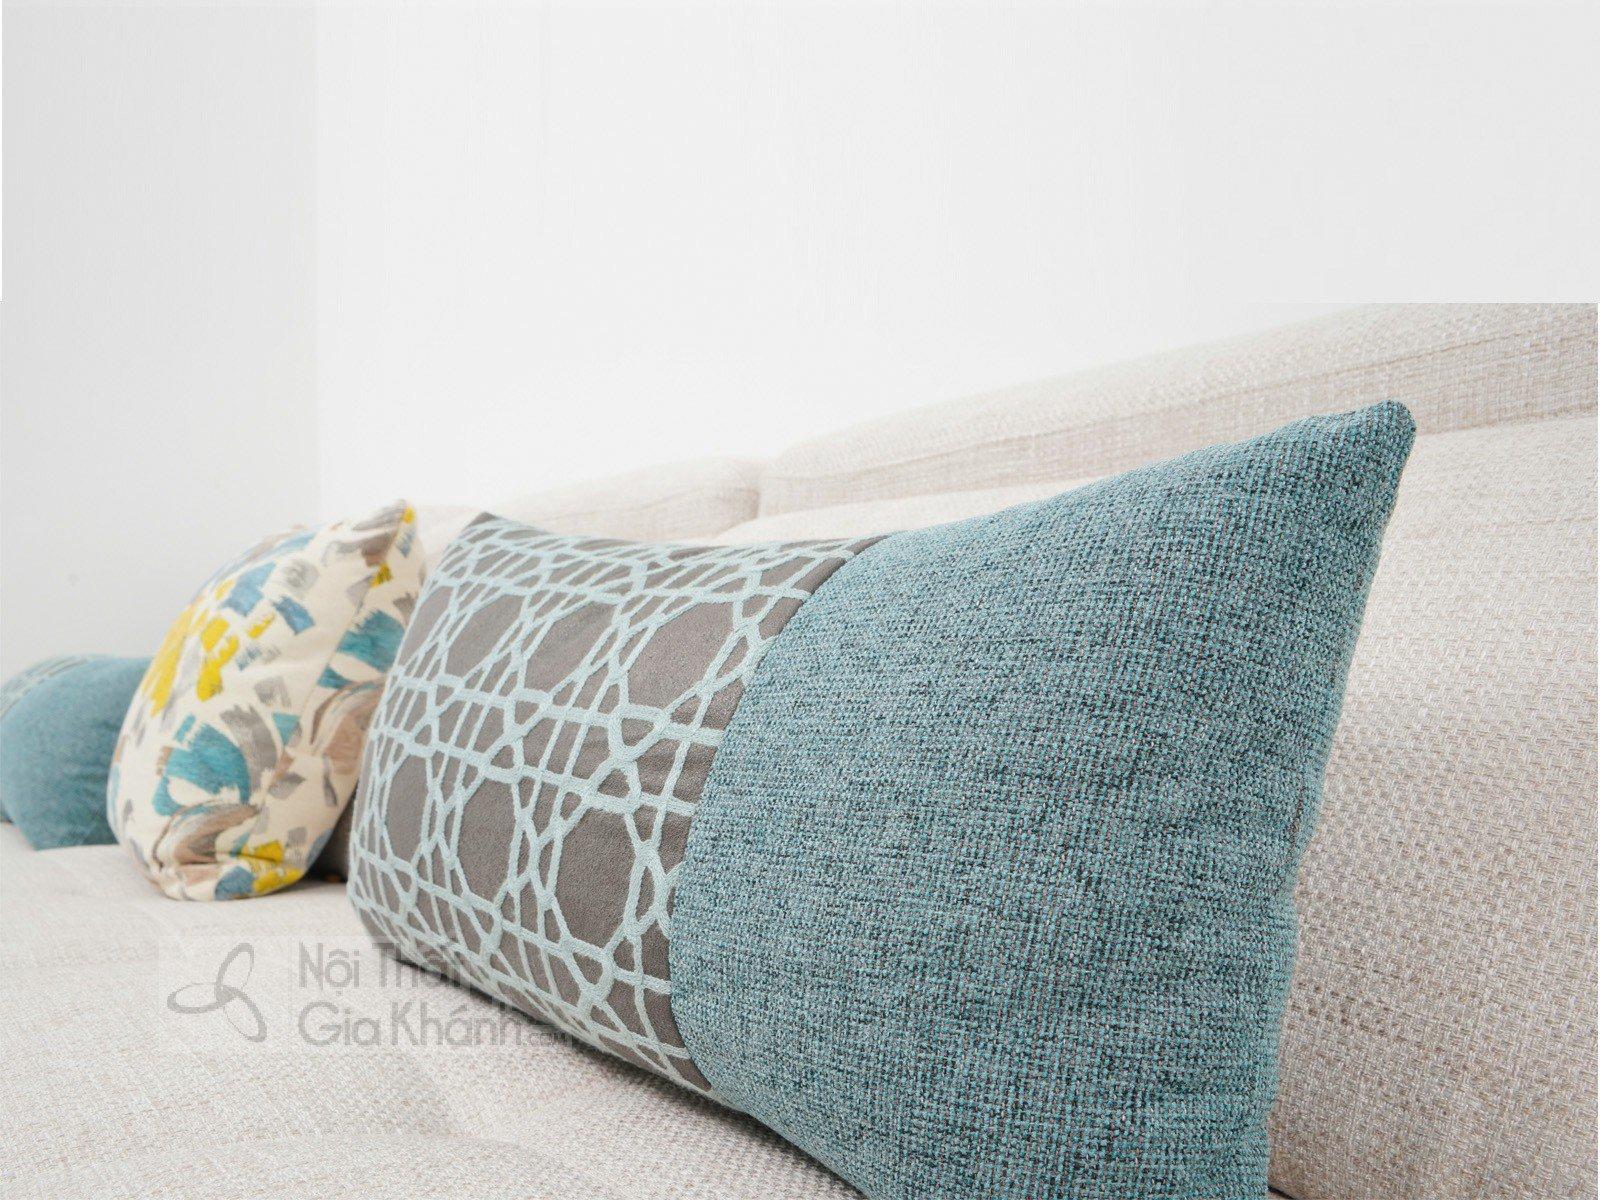 Bàn ghế Sofa vải nhập khẩu cao cấp 2 băng MR801C-SF - sofa hien dai MR801C SF 2900x1800x850 11